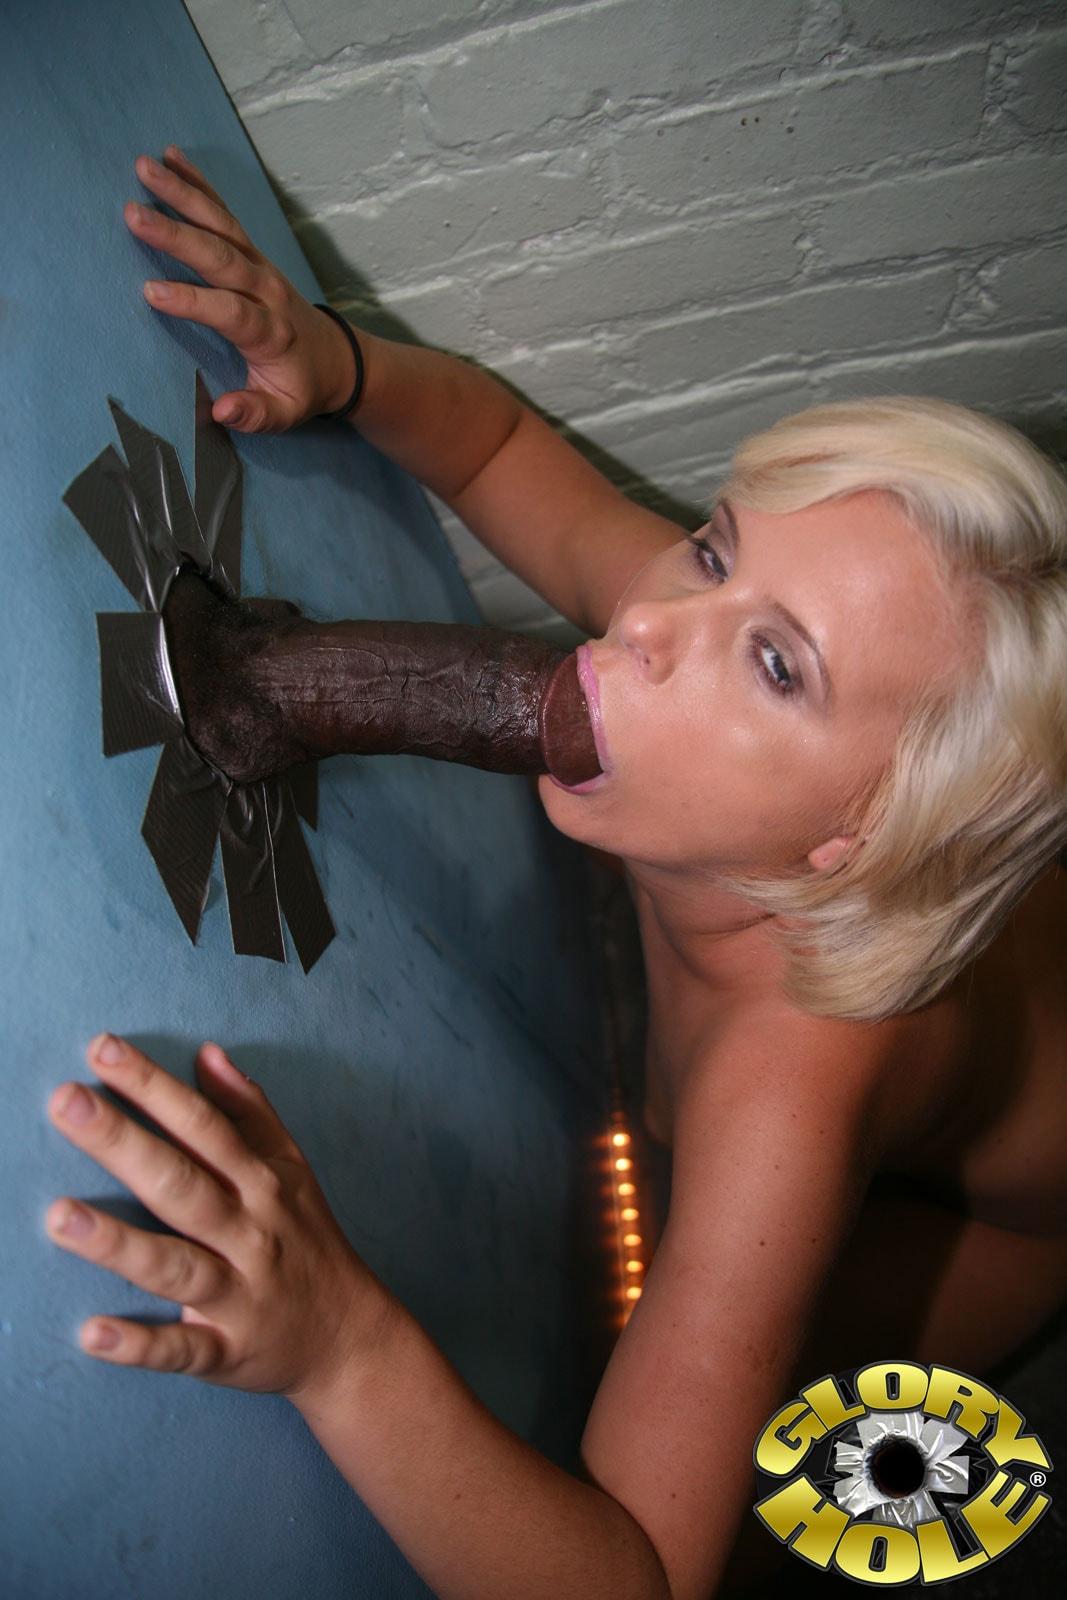 Big tits porn star videos